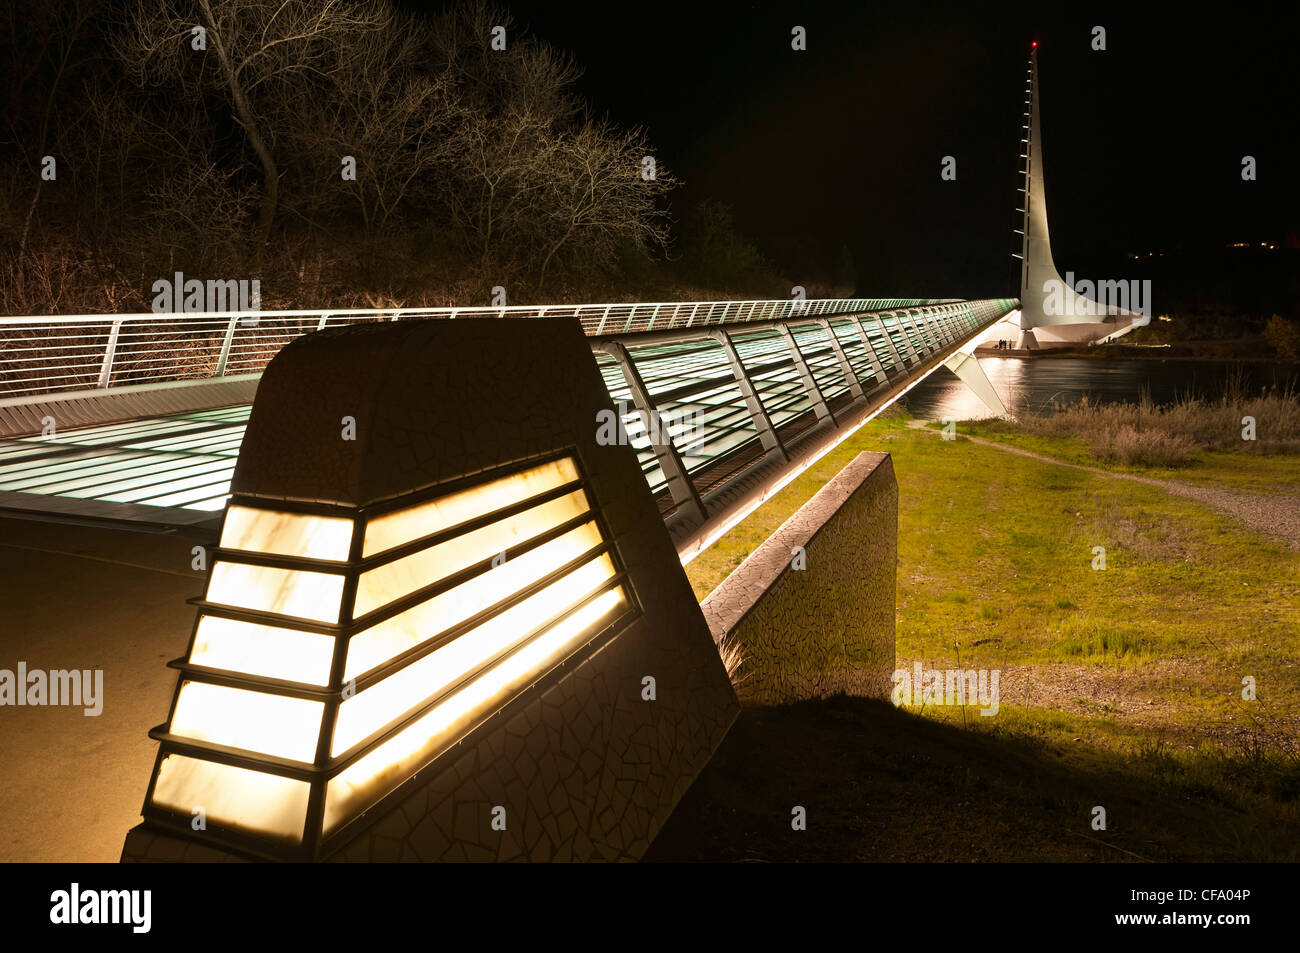 The unique and beautiful Sundial Bridge in Redding, California. - Stock Image